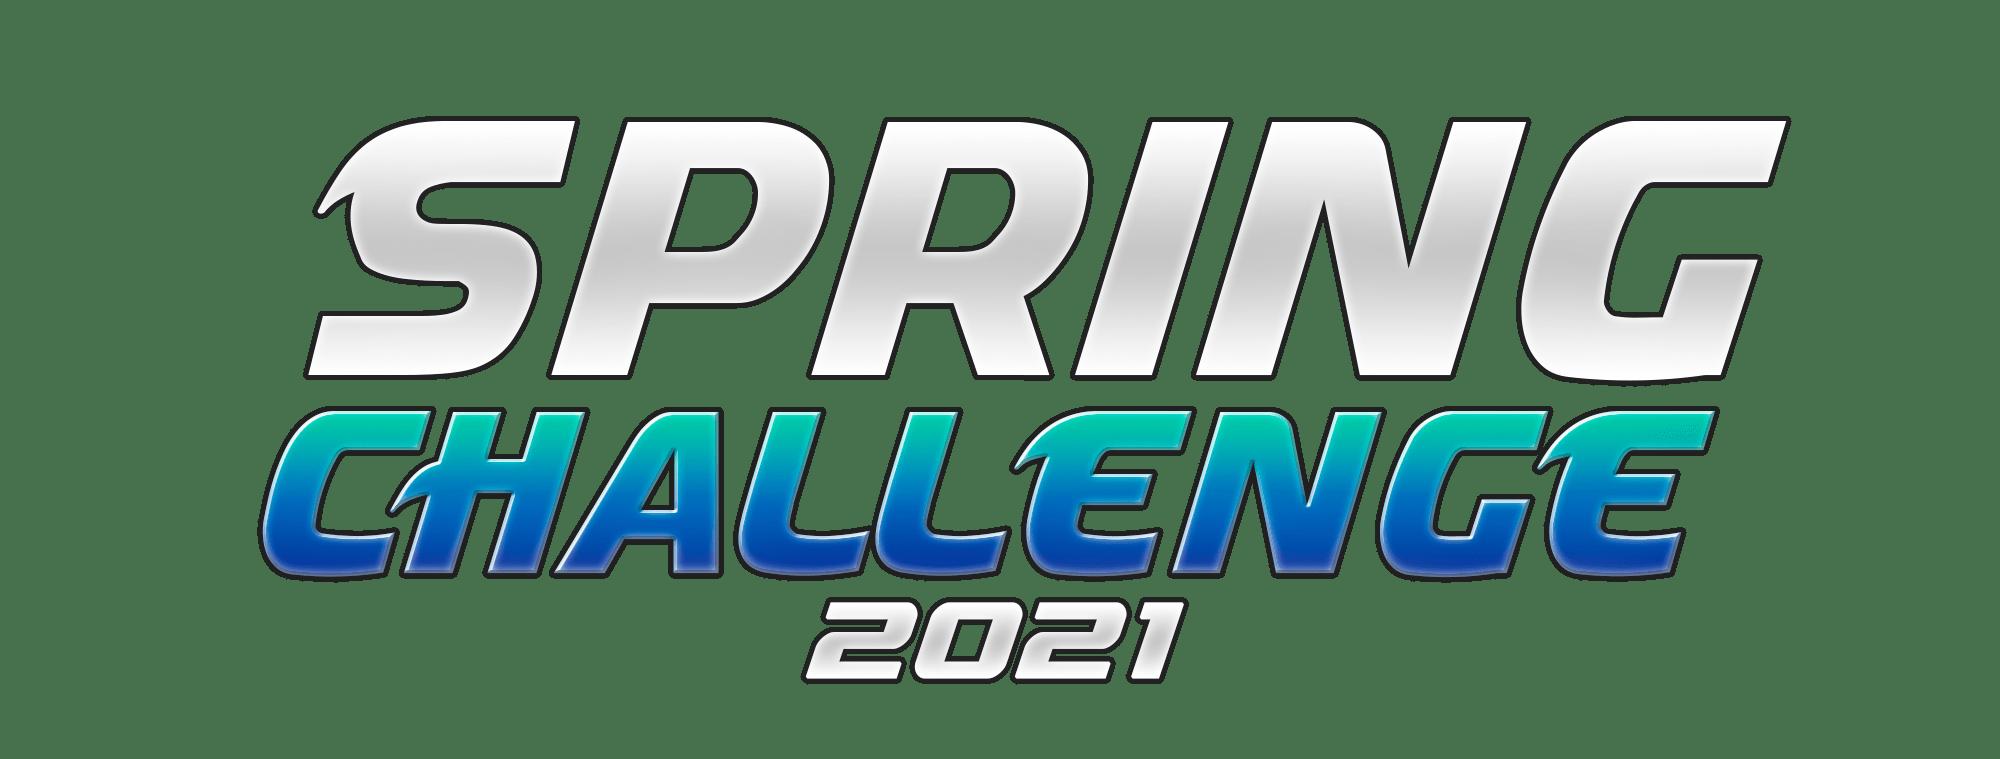 Spring challenge 2021 blue logo